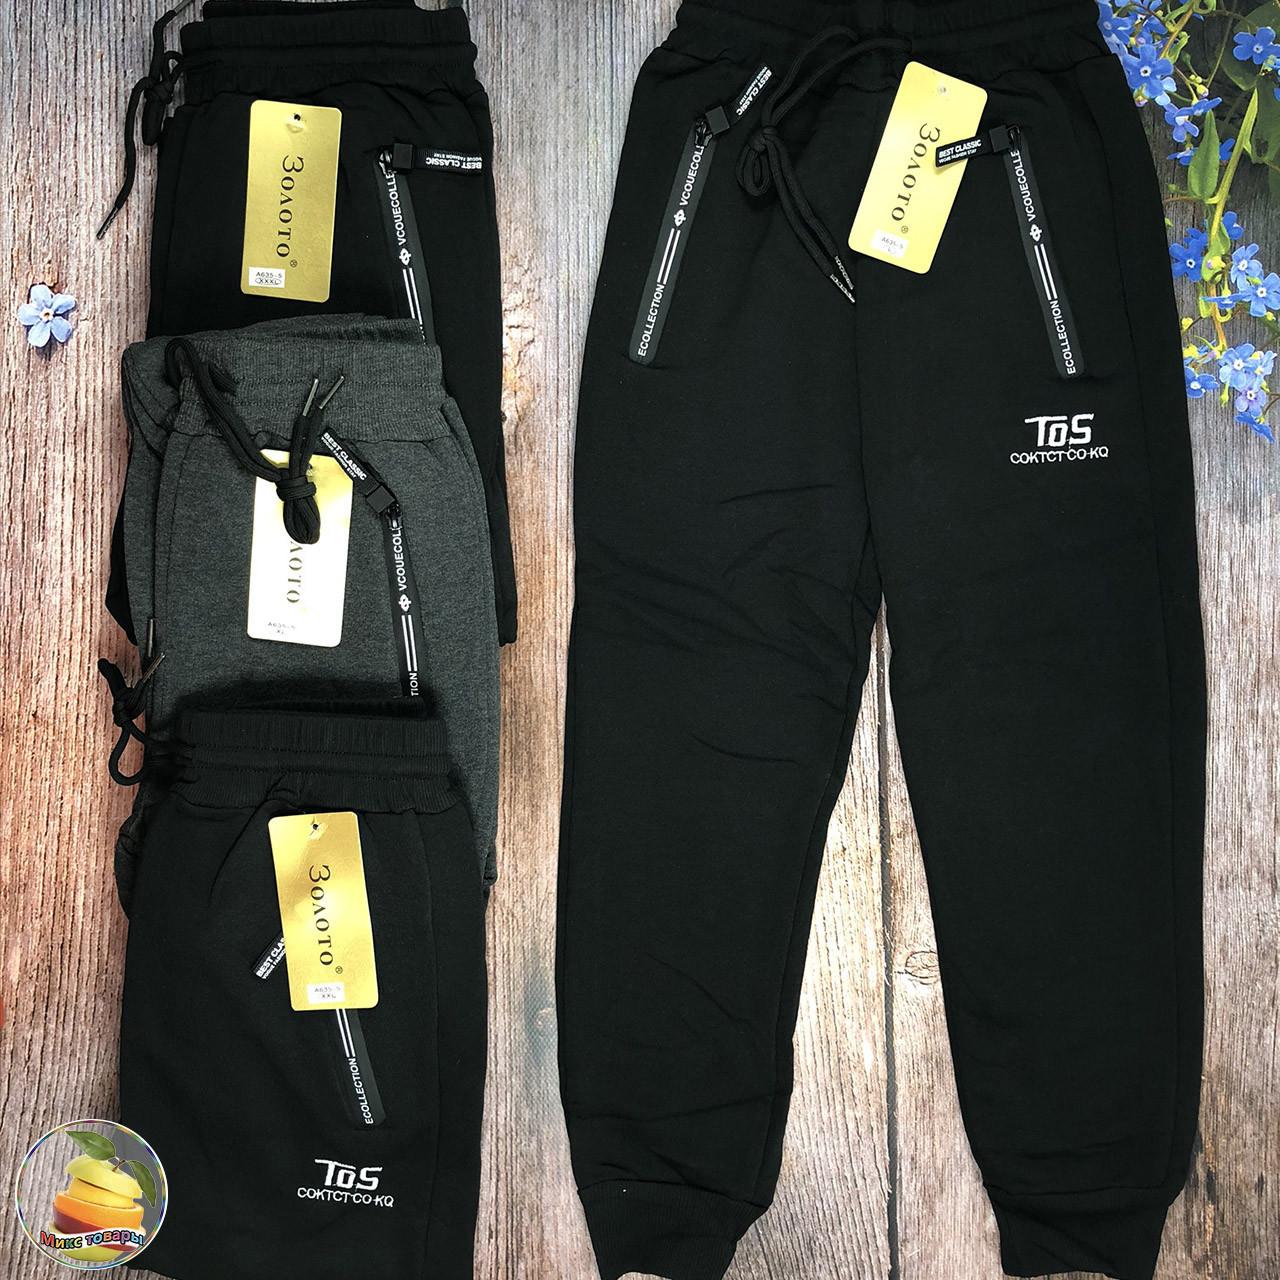 Спортивні штани на байку для підлітка Розміри: 9-10,10-11,12-13,13-14 років (20814)